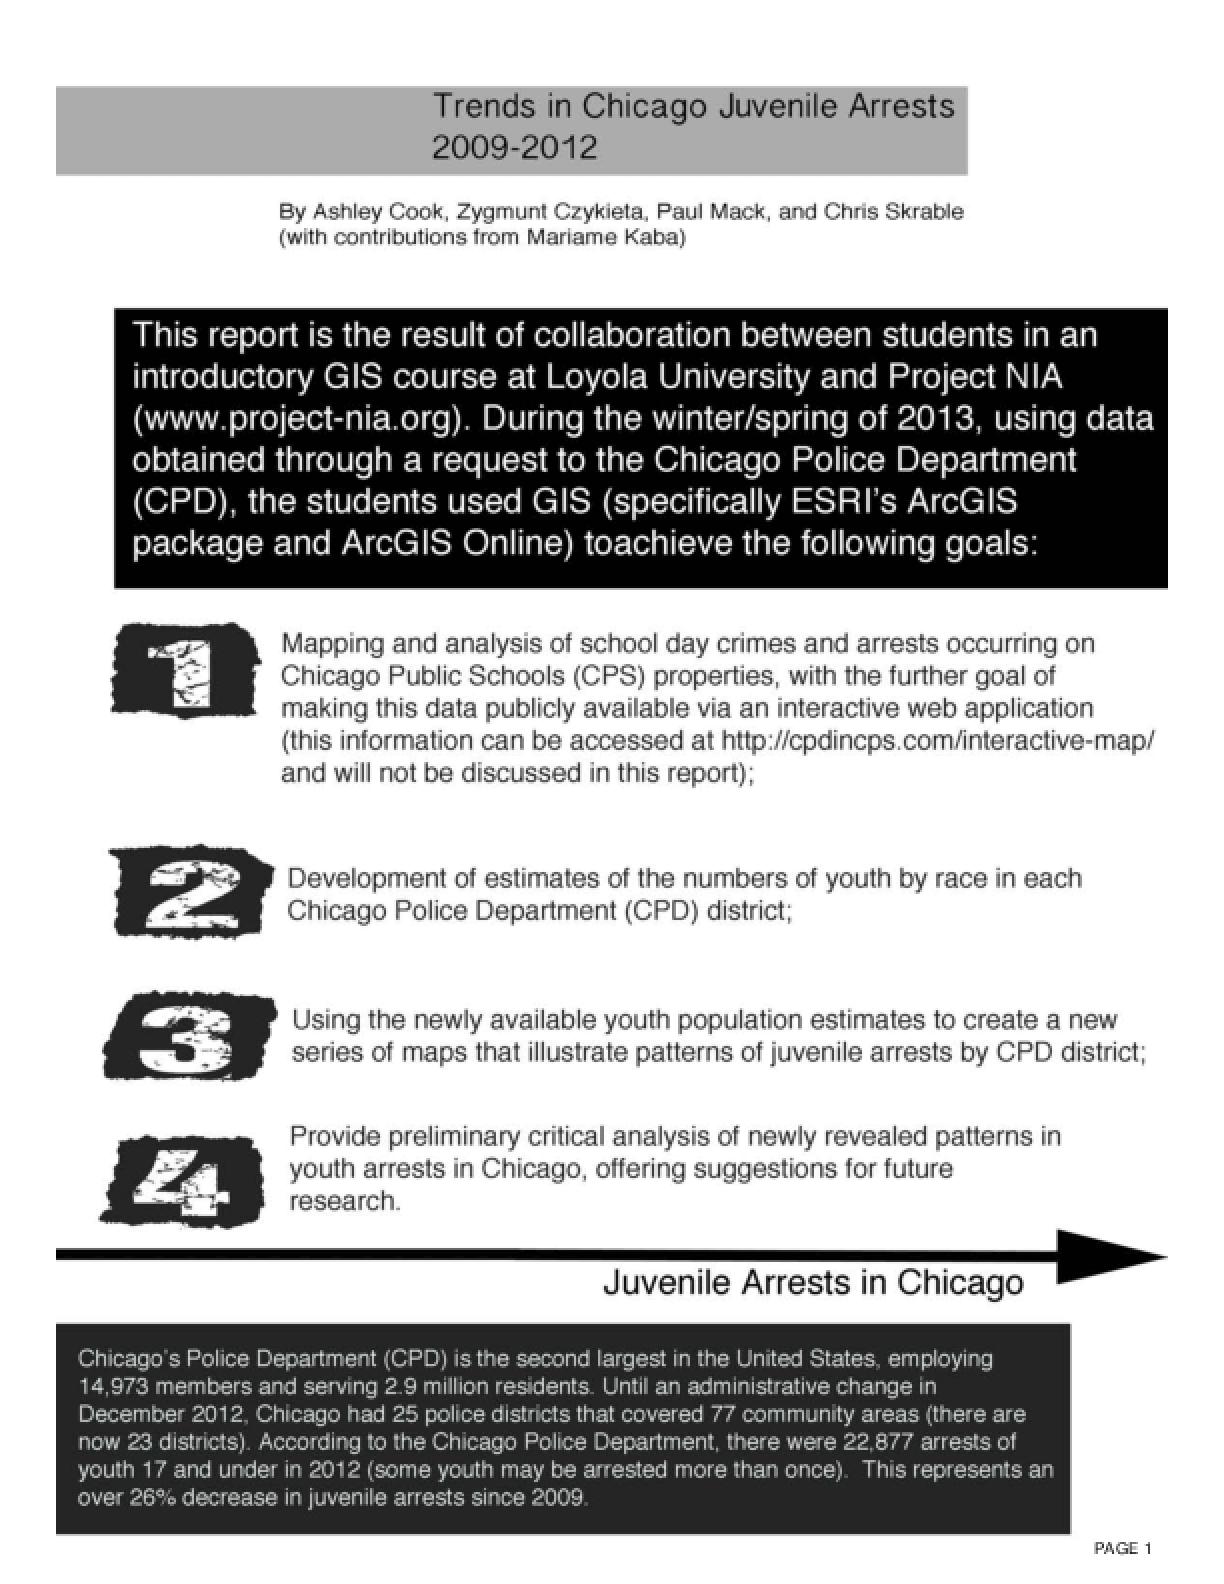 Trends in Chicago Juvenile Arrests 2009-2012